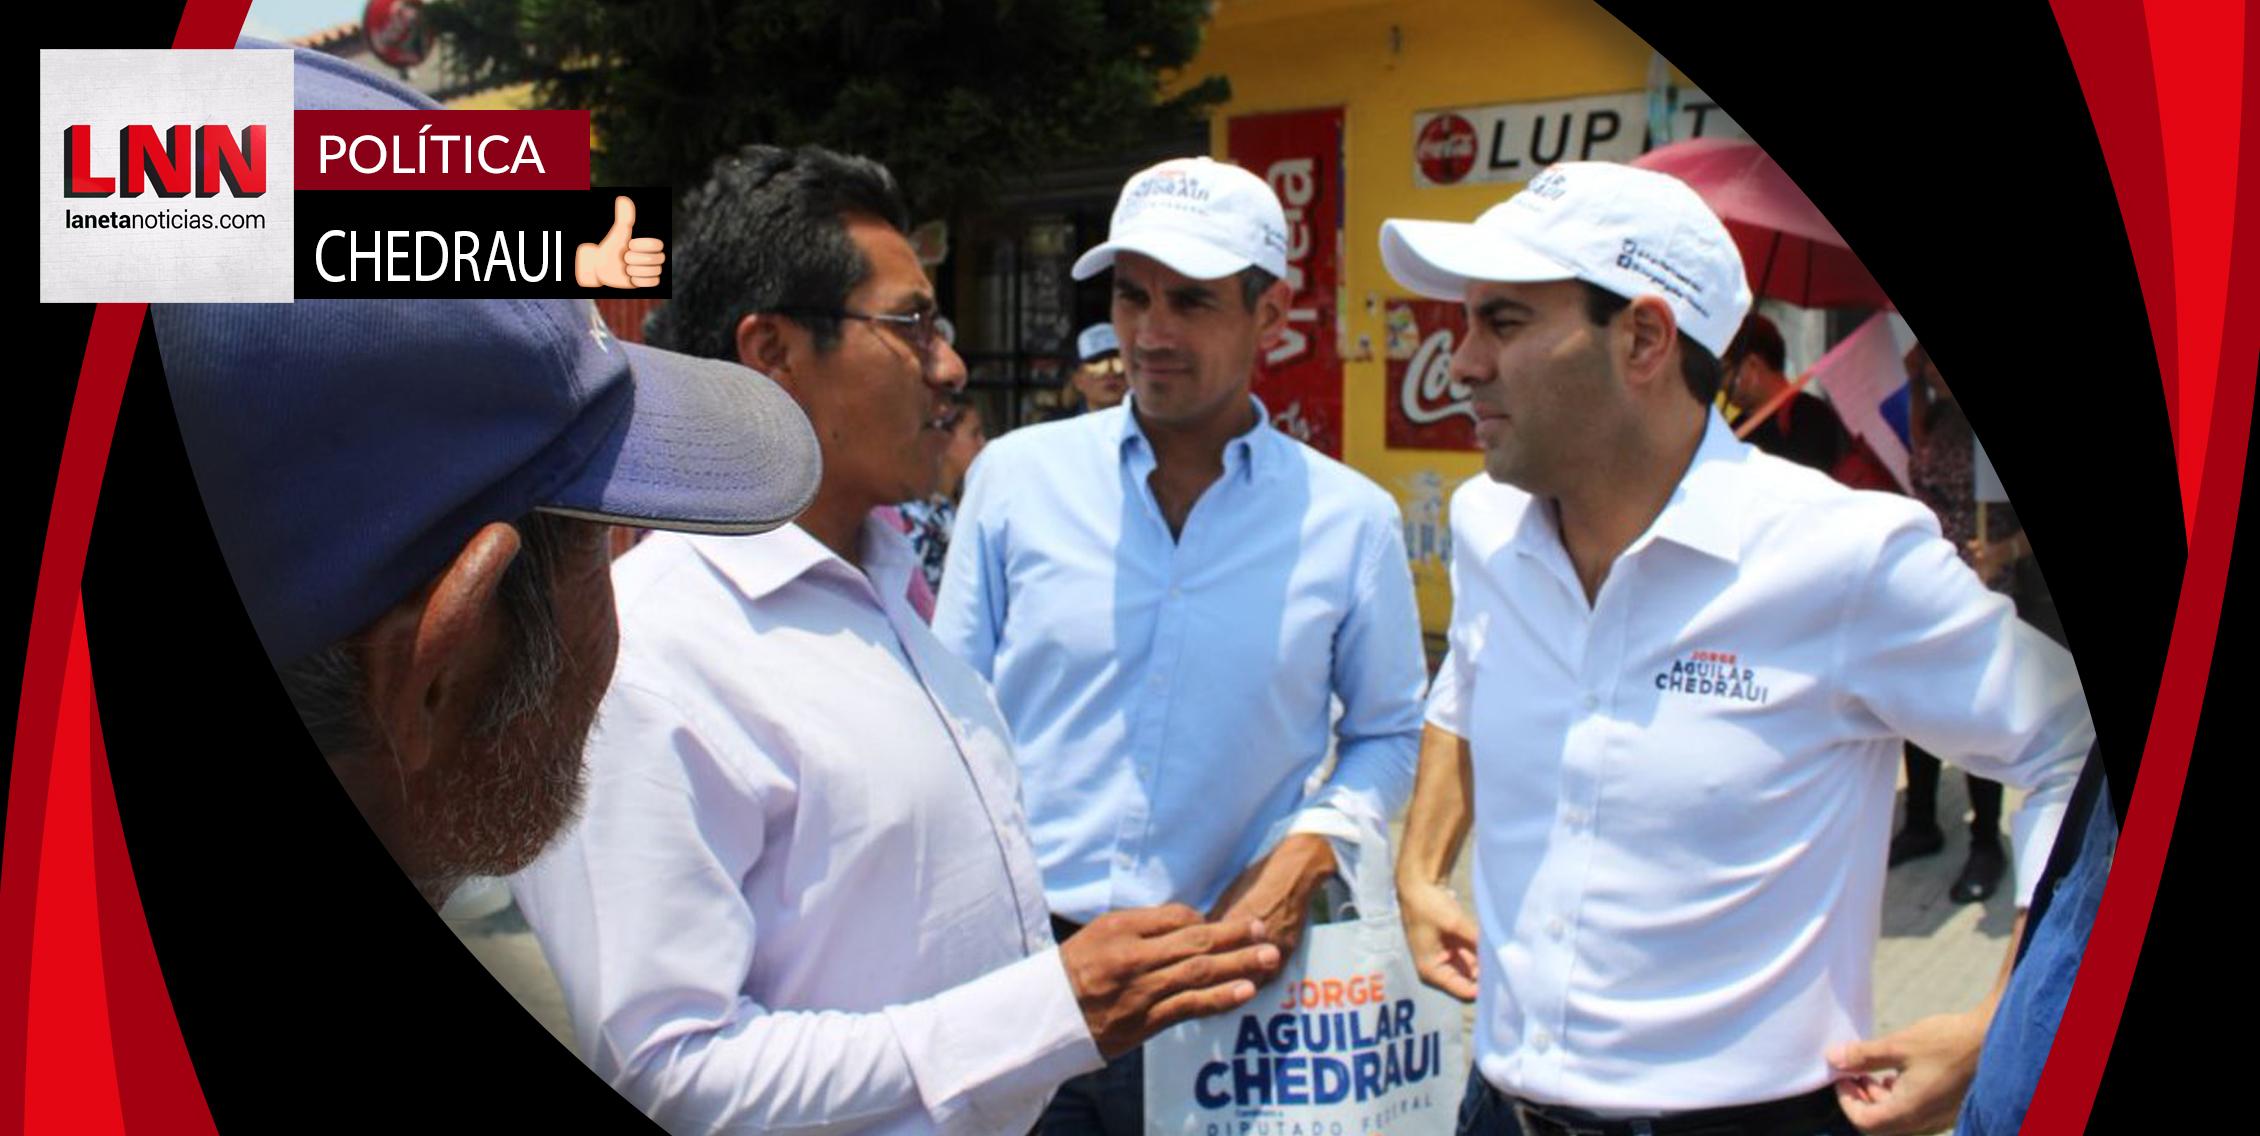 Jorge Aguilar Chedraui promete trabajar a favor de la salud y la seguridad